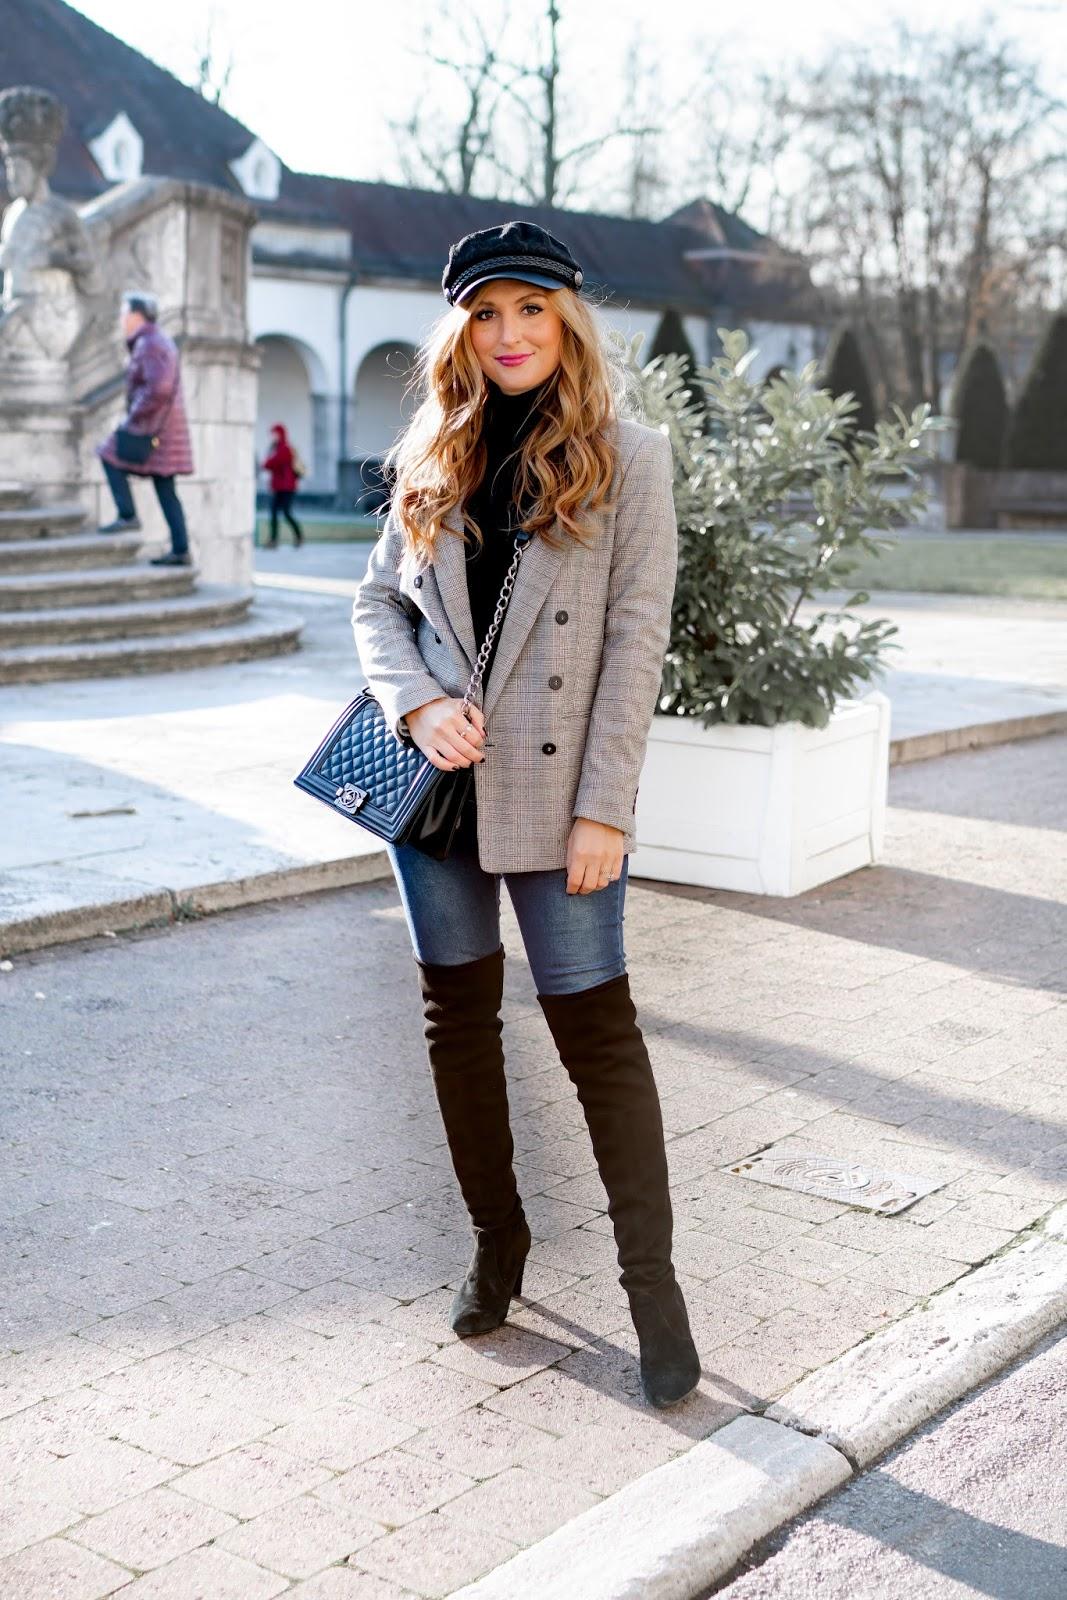 Schiffer-mütze-matrosen-kappe-trends-2018-Chanel-boybag-chanel-tasche-Stusart-weitzmann-stiefel-Stuart-weitzmann-overknees-Karo-Blazer-H&M-Trend-Schiffermütze-fashionblogger-style-fashionstylebyjohanna